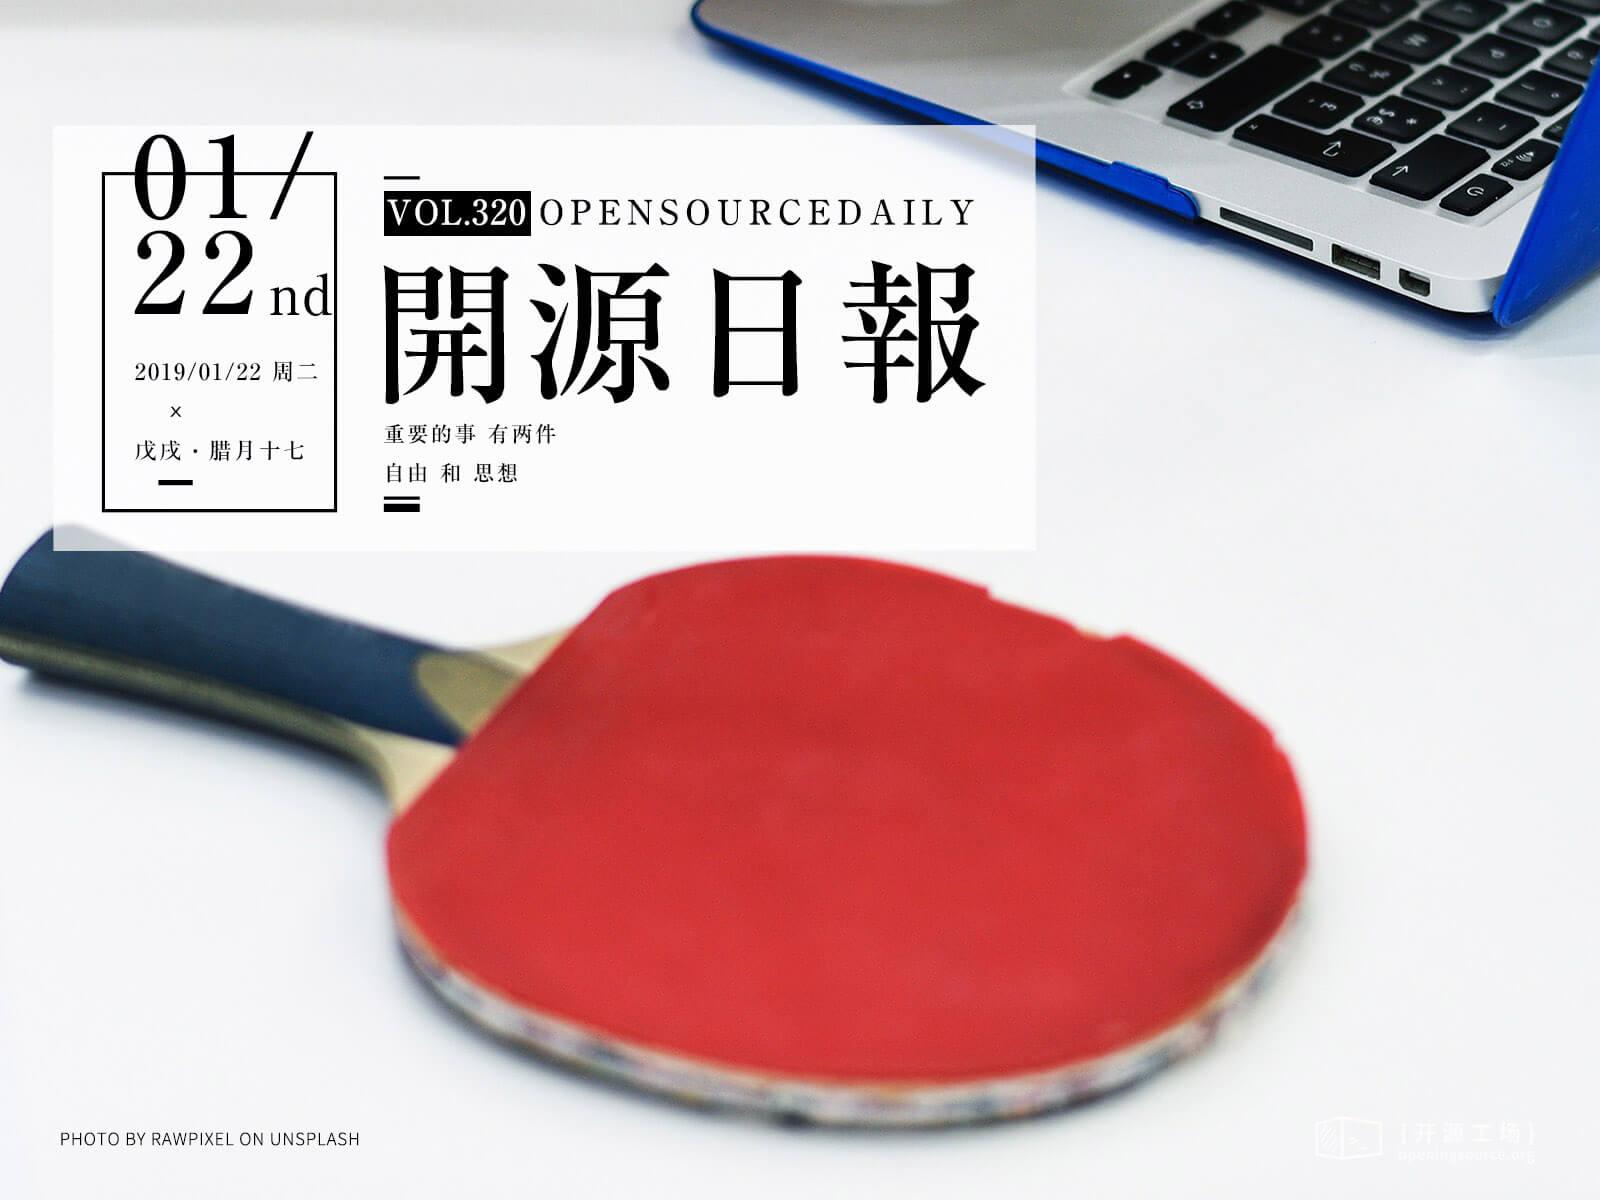 2019年1月22日:开源日报第320期